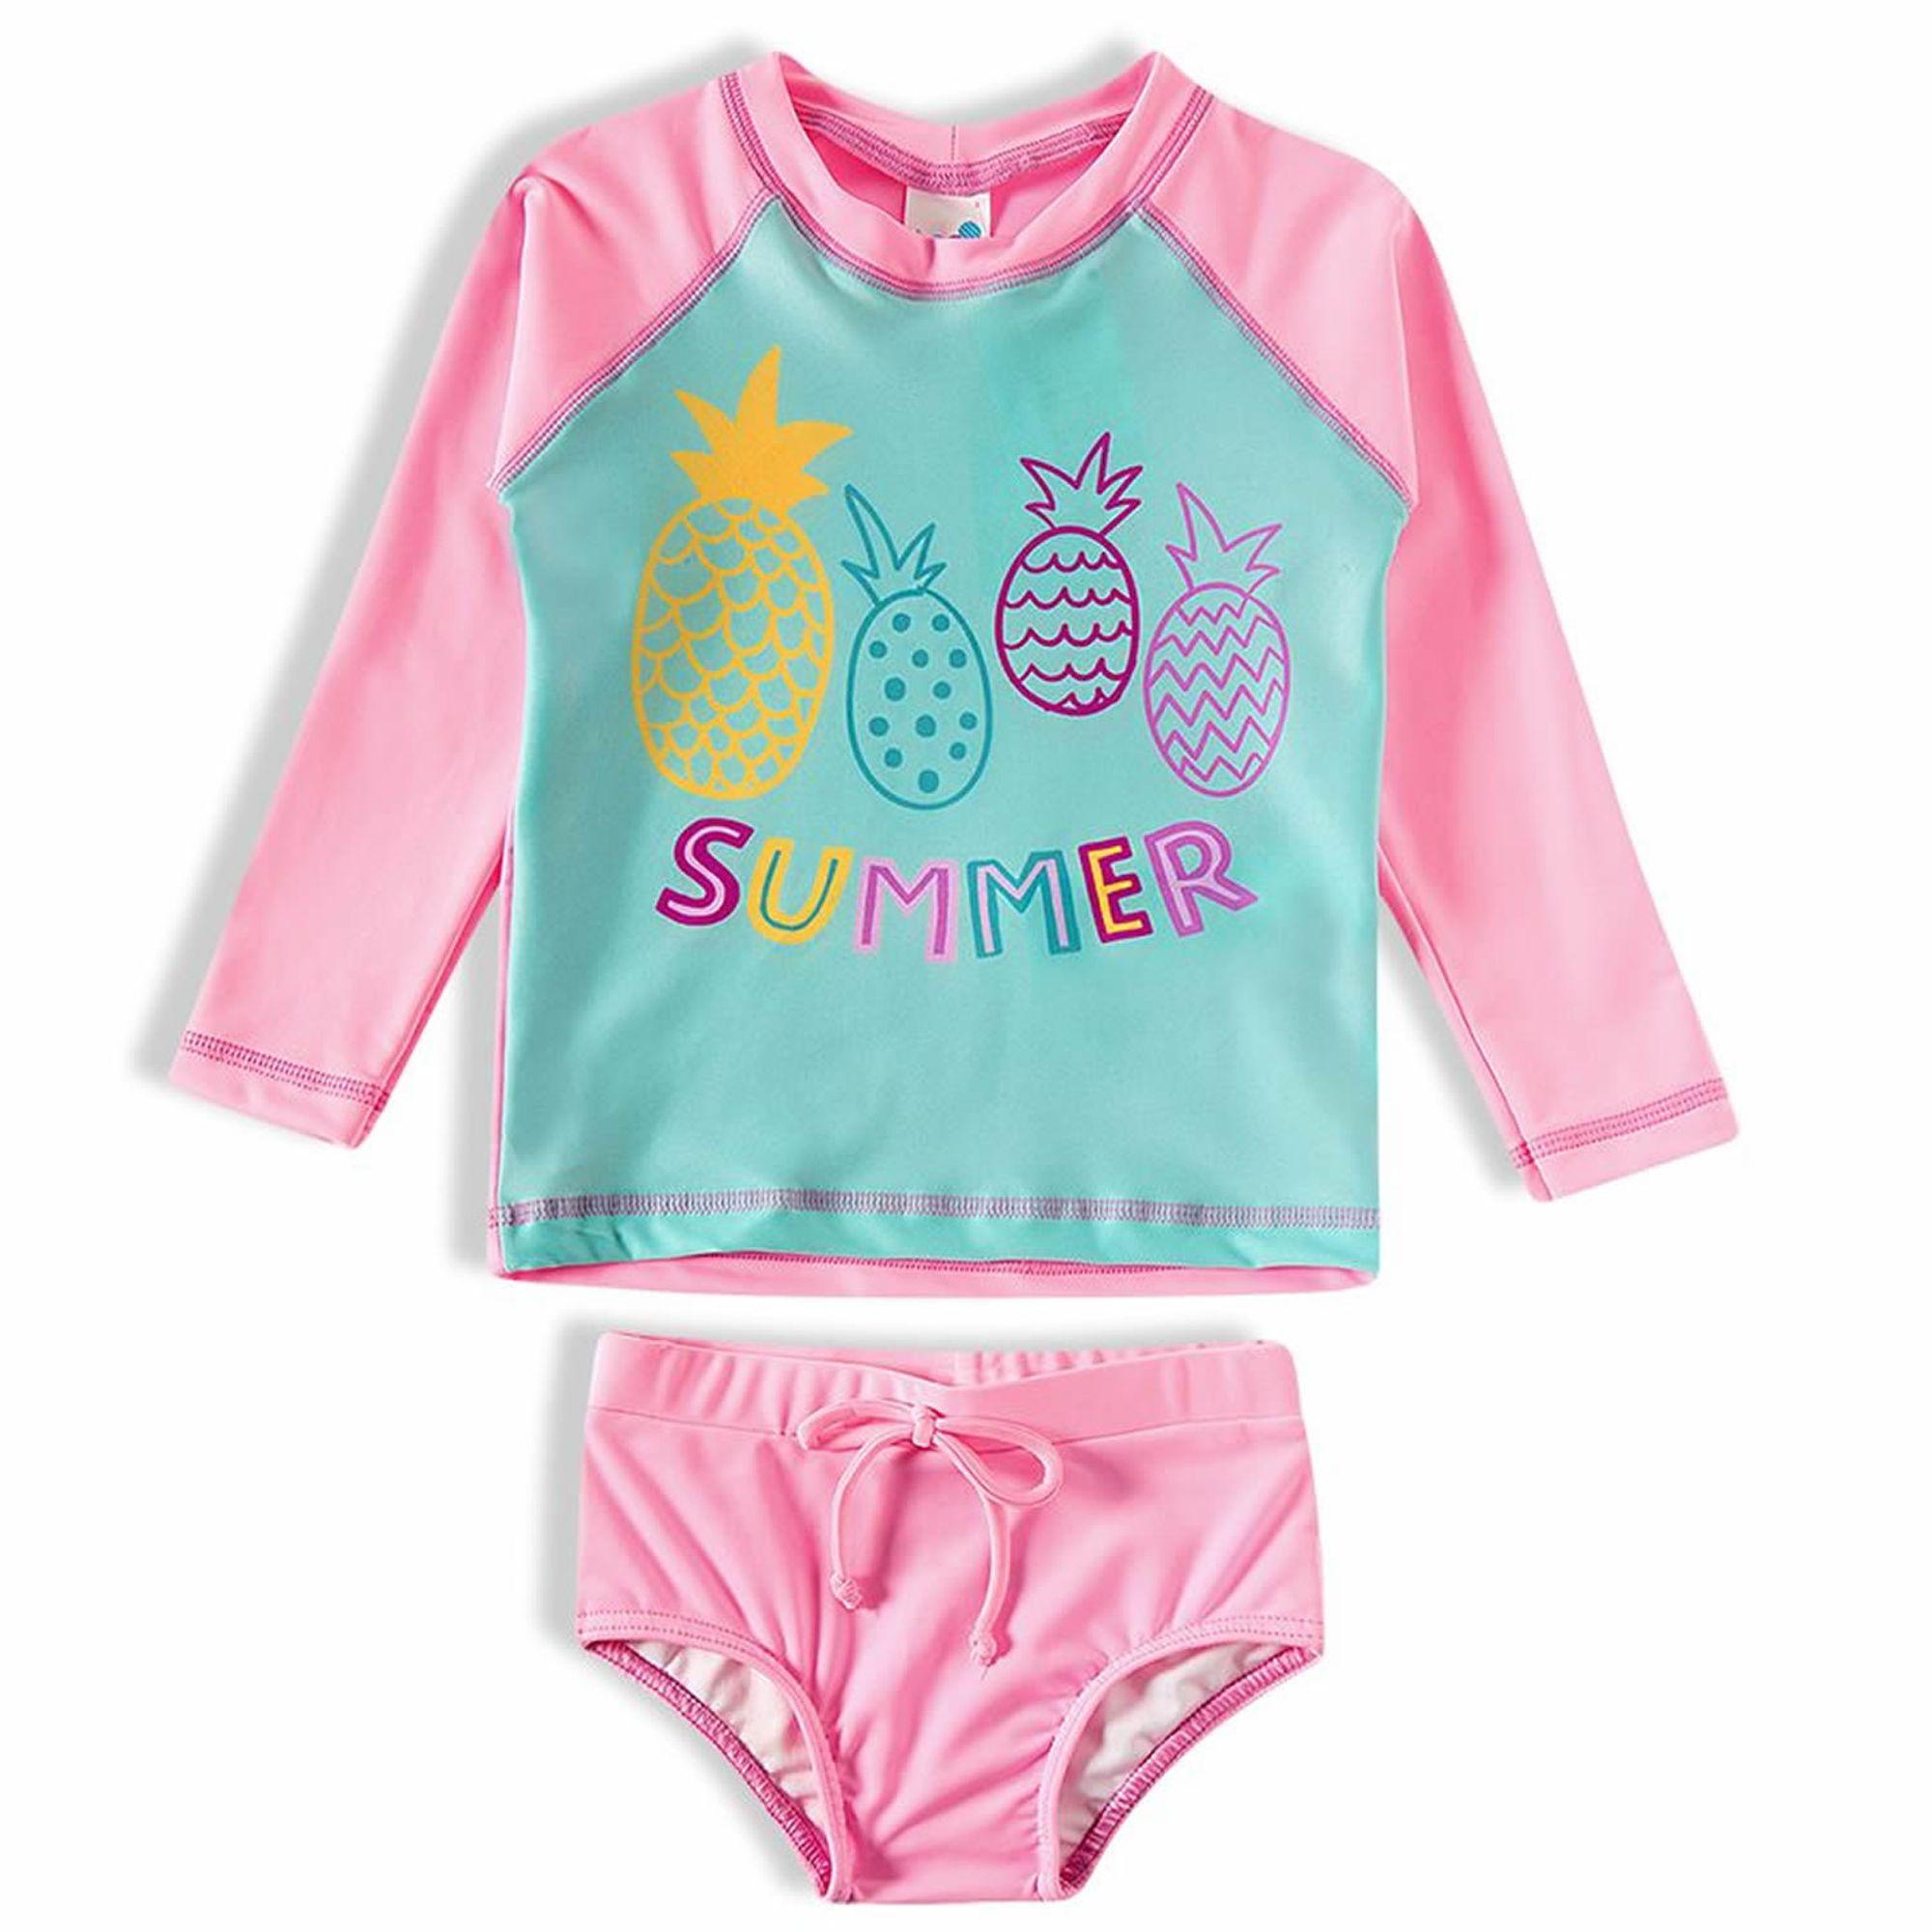 conjunto-praia-infantil-camiseta-e-calcinha-rosa-abacaxis